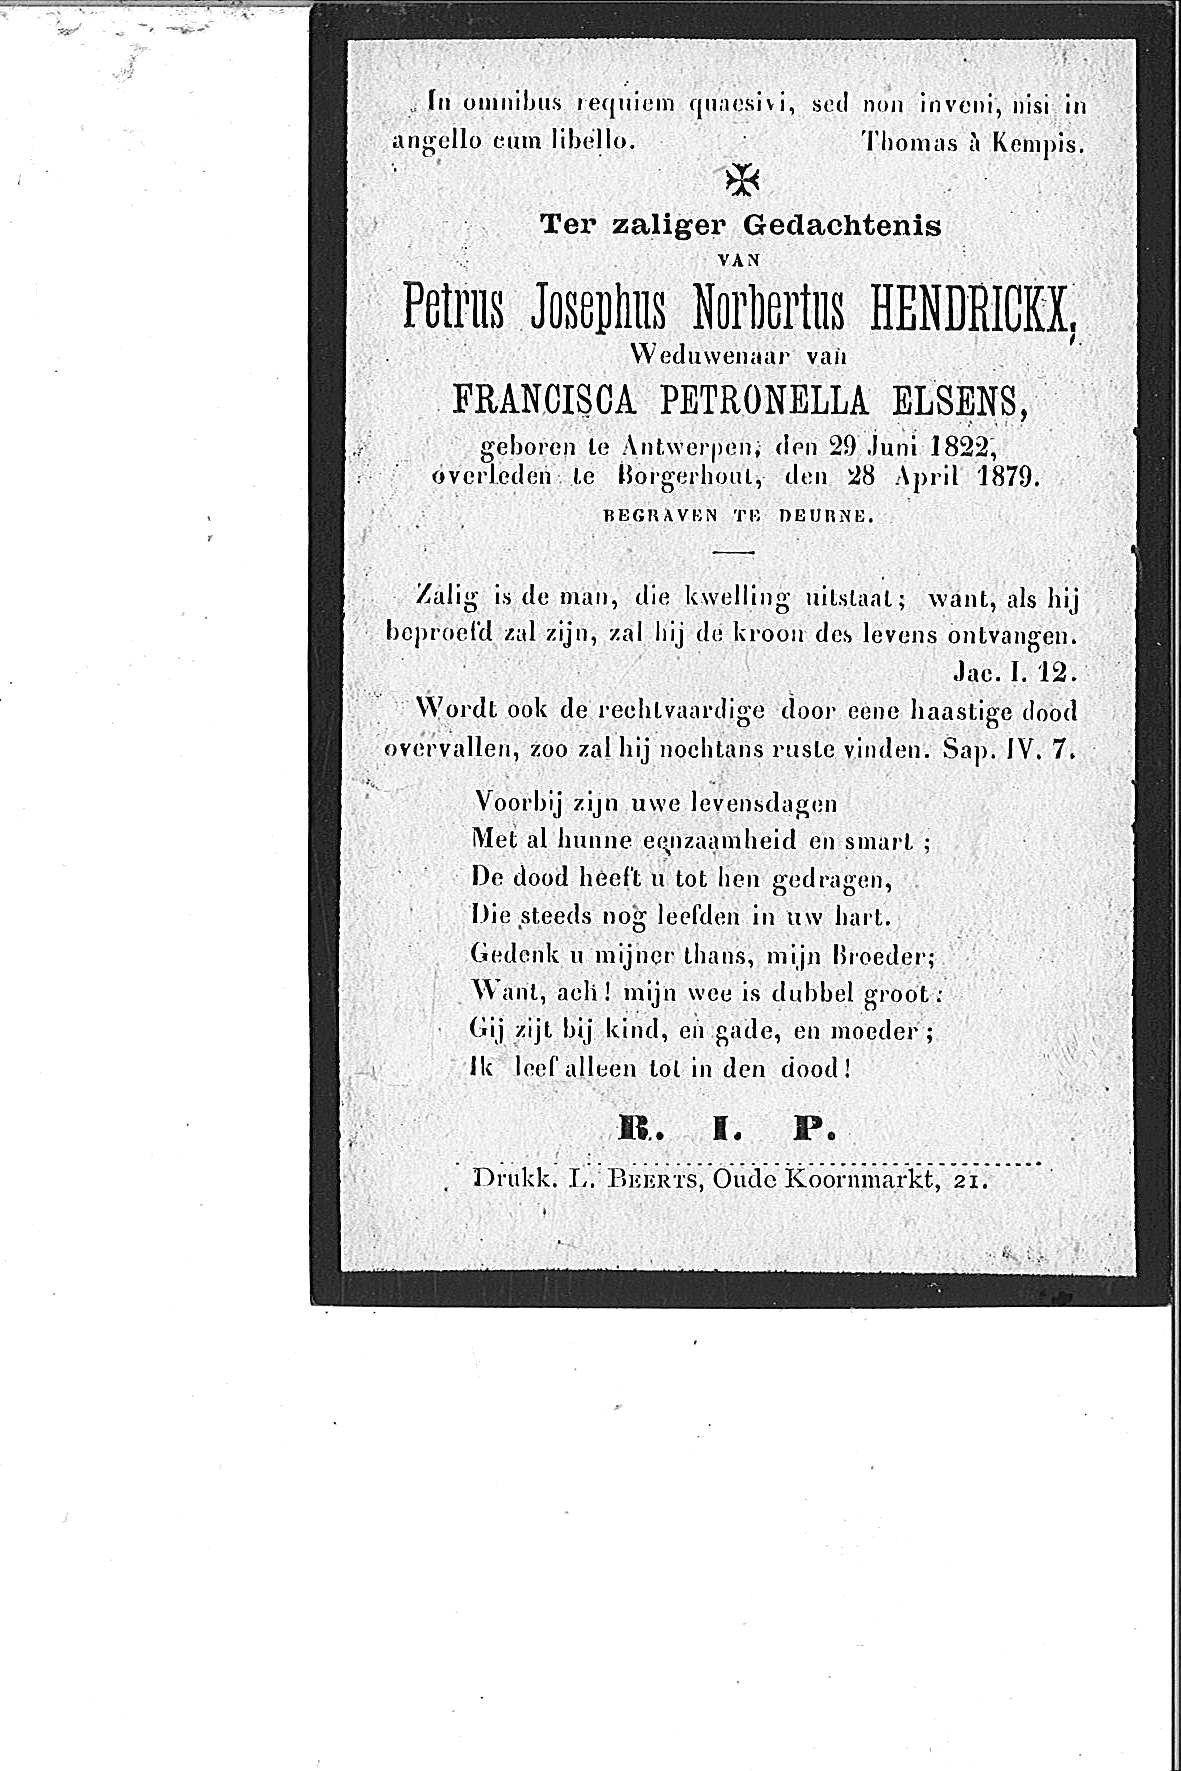 petrus Josephus Norbertus(1879)20141104145235_00014.jpg